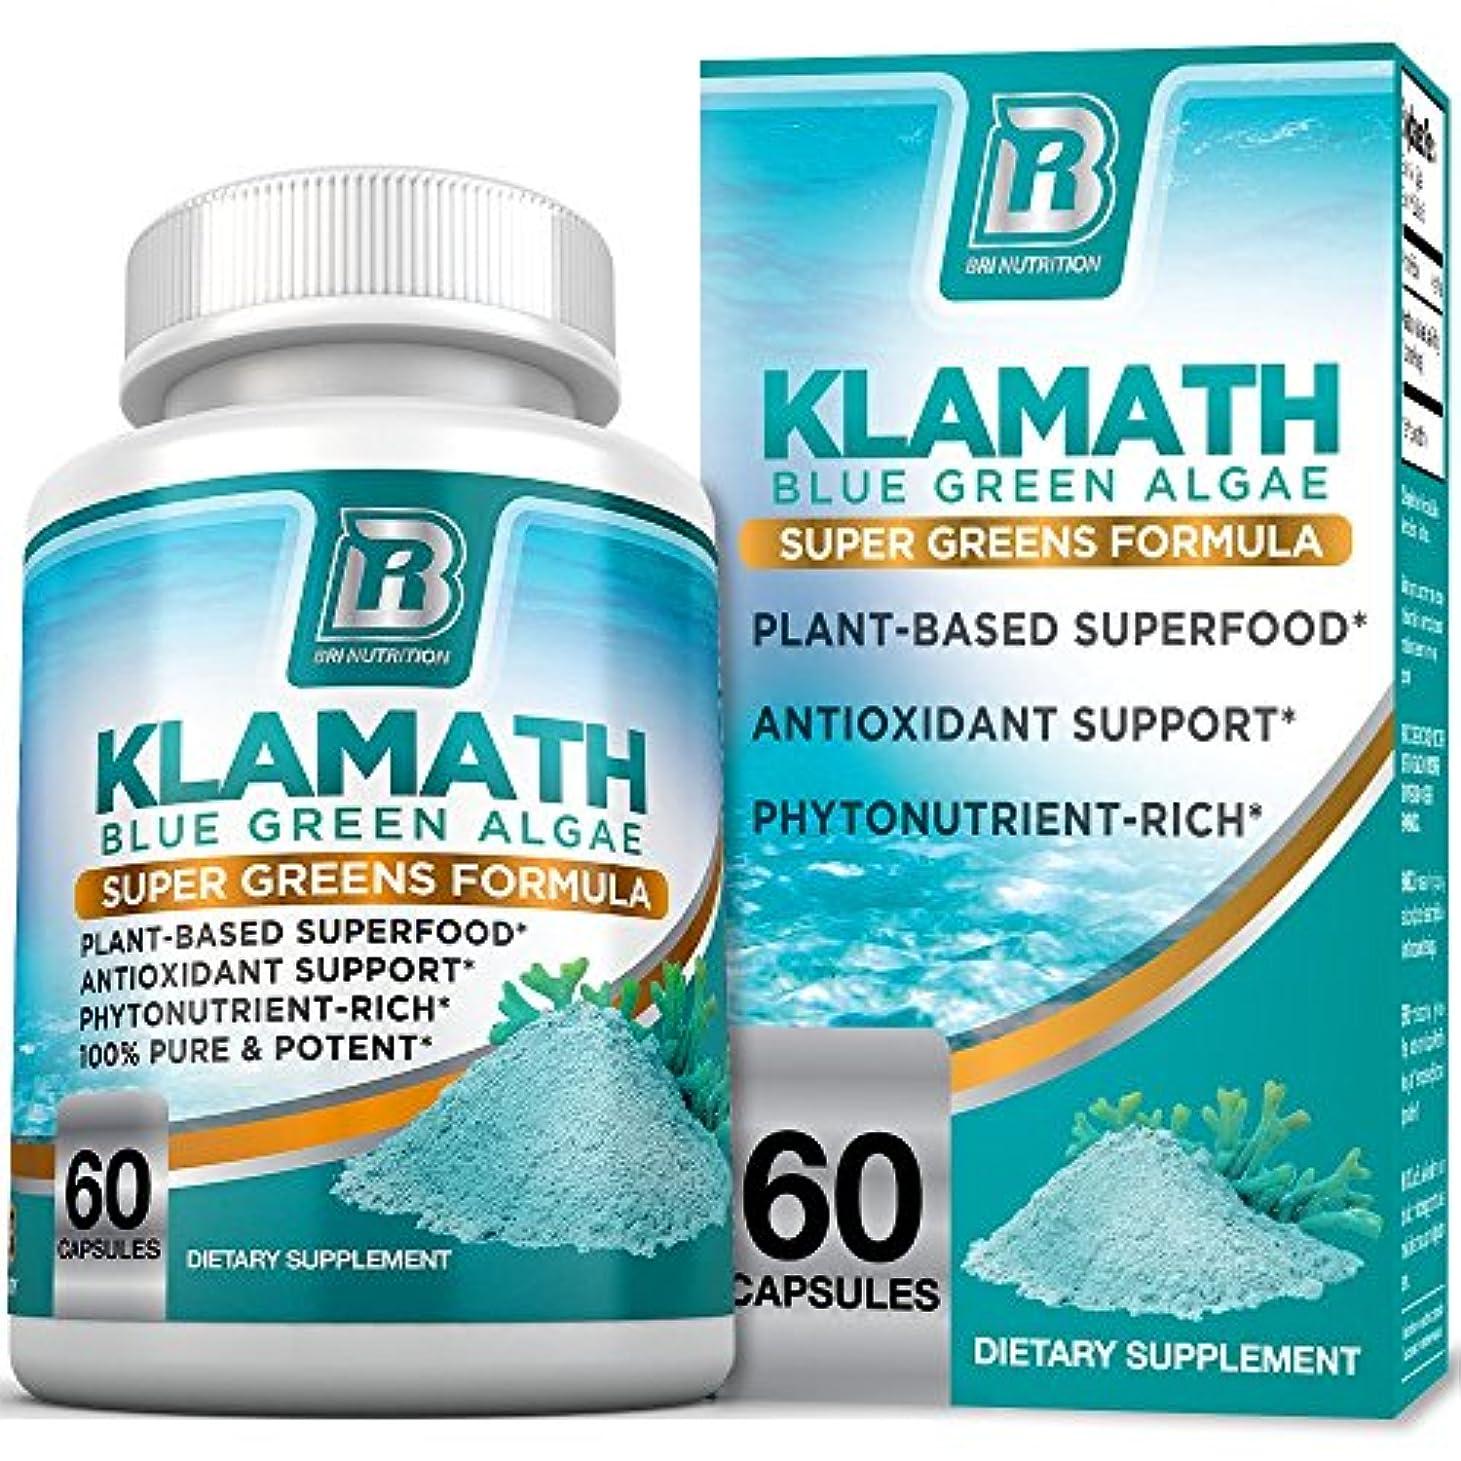 洞察力のあるに応じていたずらなKlamath Blue Green Algae 60 capcels